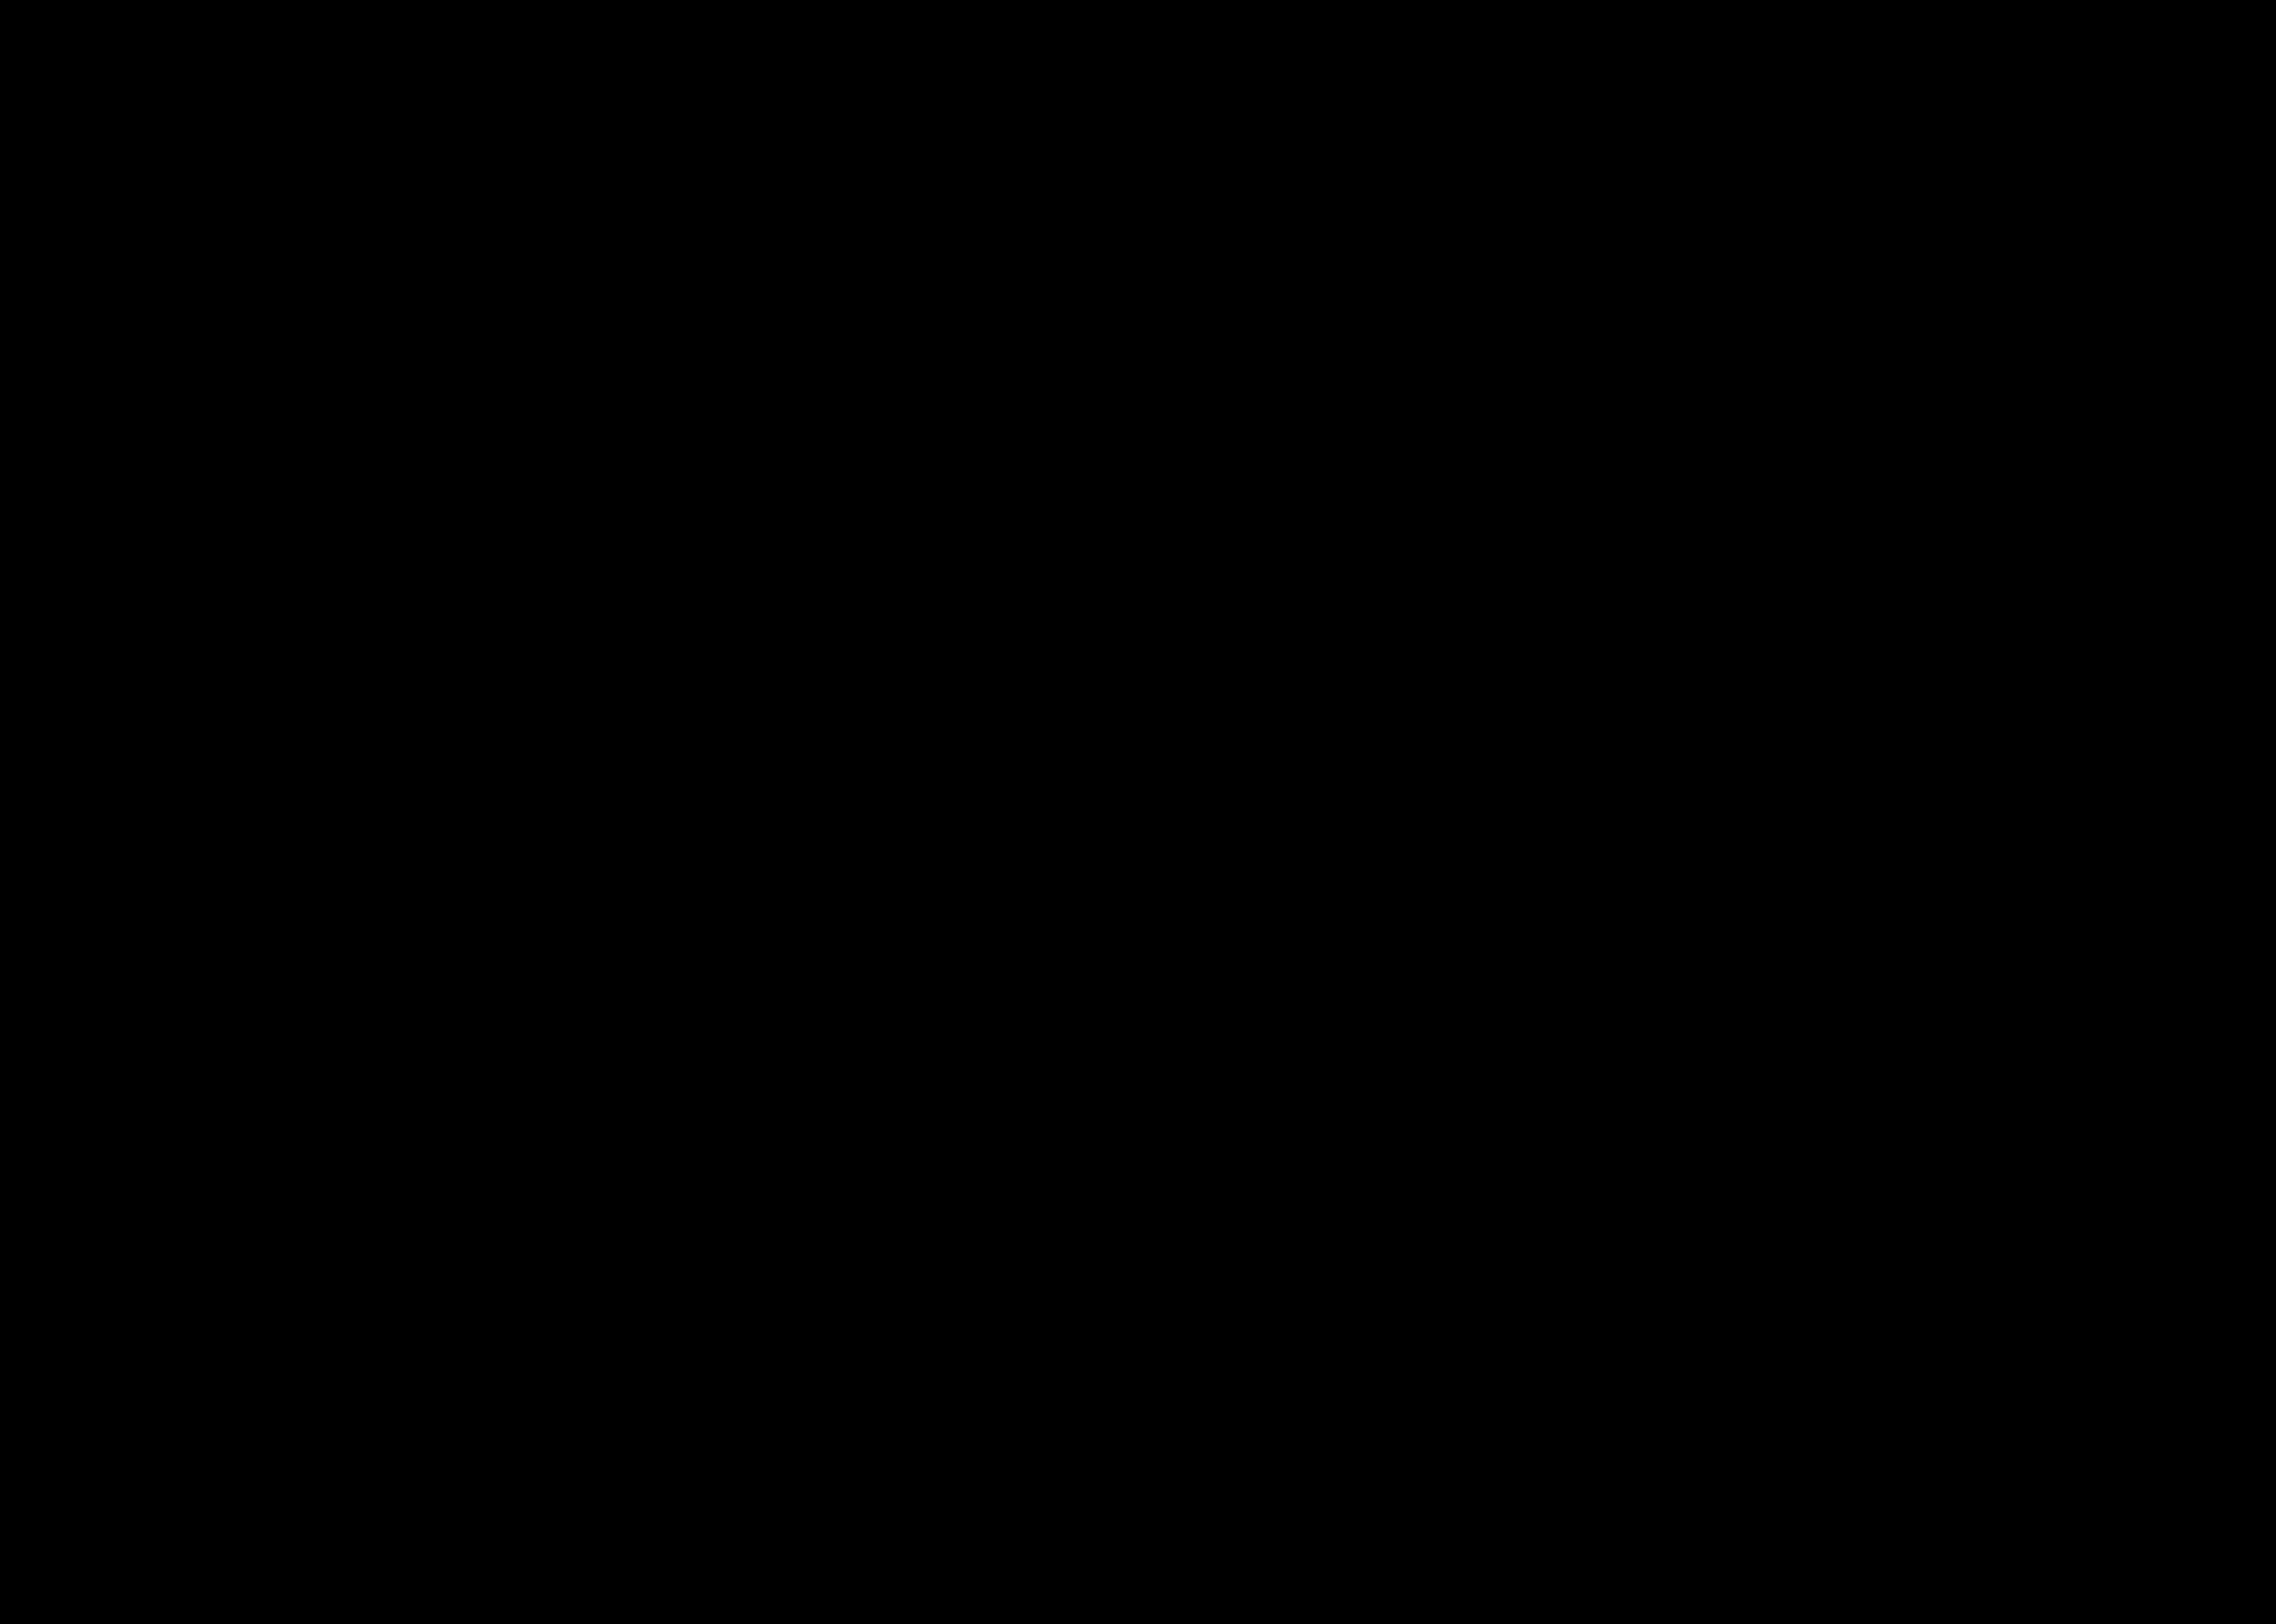 Campeonato de España de Blokart 2012